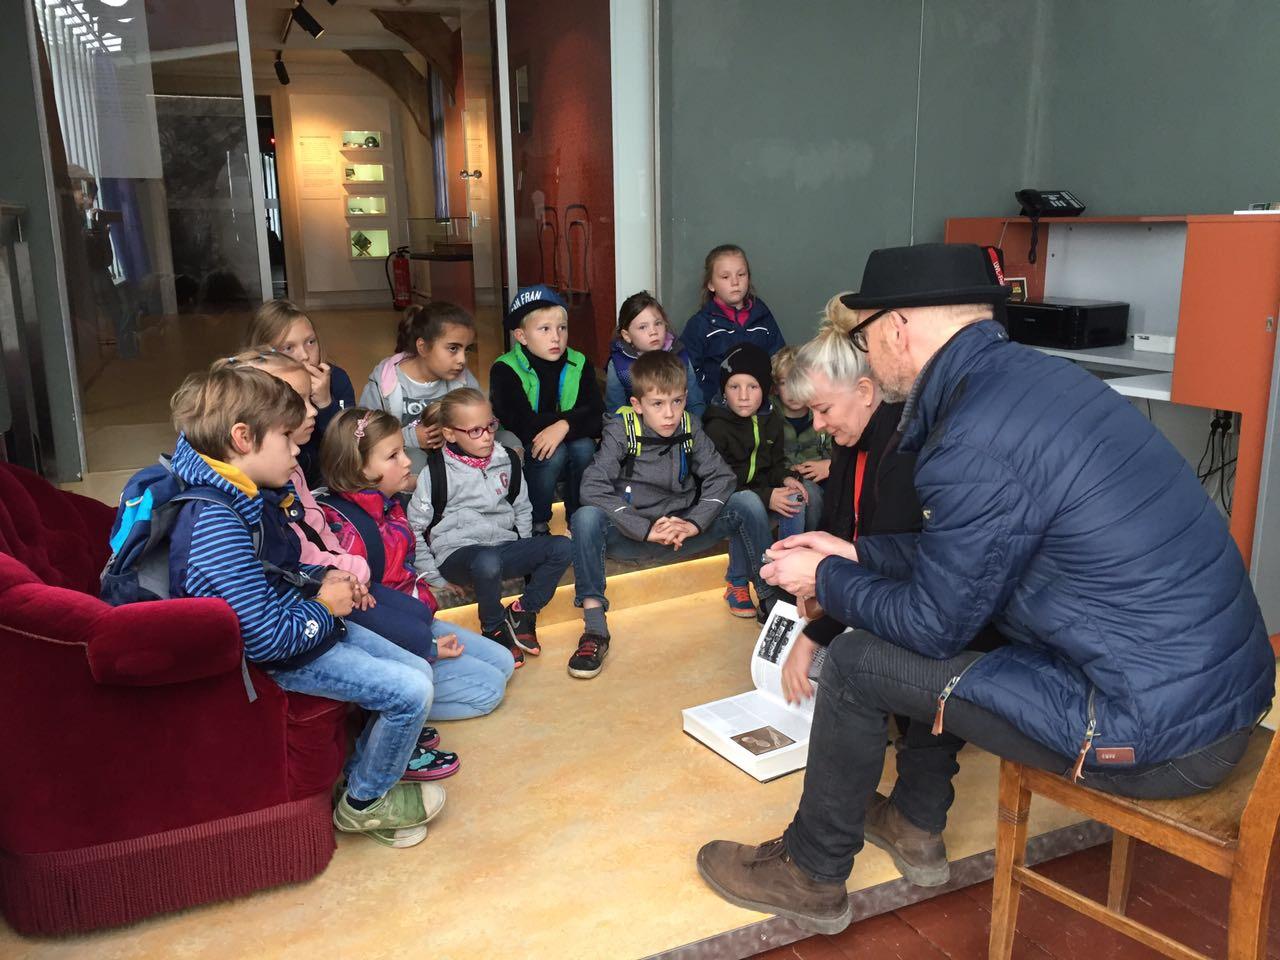 Peter Gläsel Schule Detmold - Kooperation mit dem Freilichtmuseum Detmold